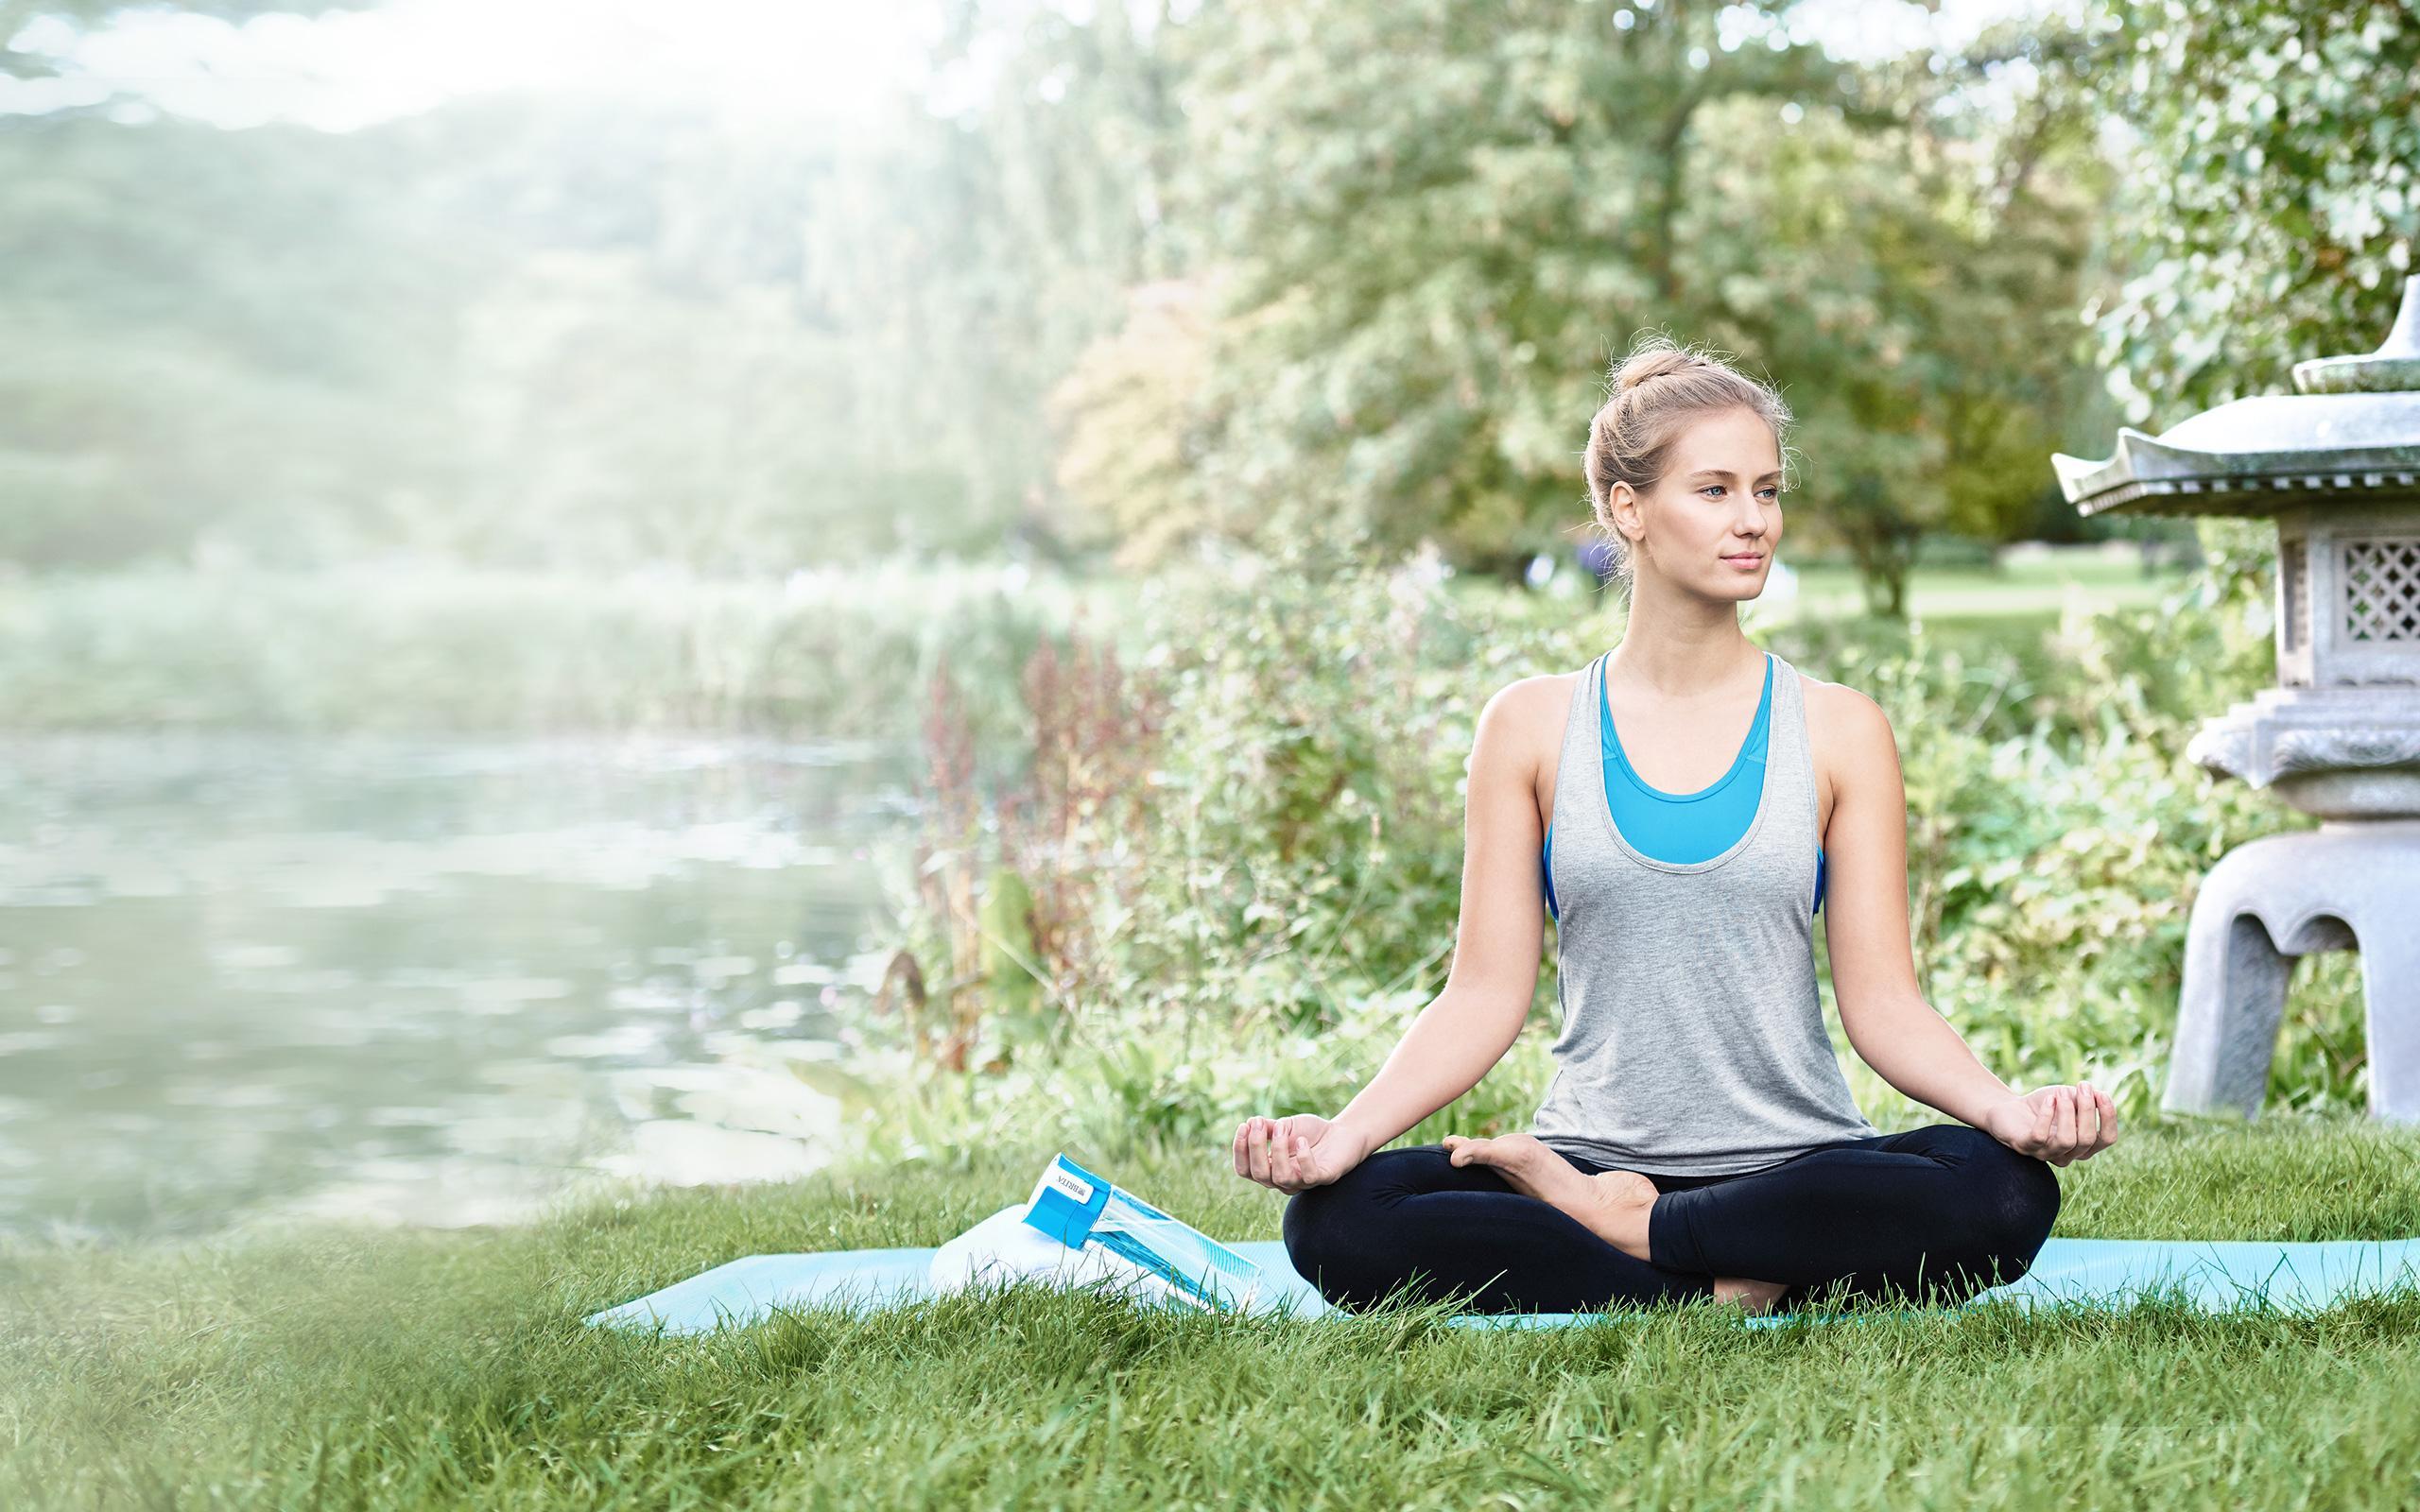 BRITA Wasserbedarf Frau macht Yoga im Park